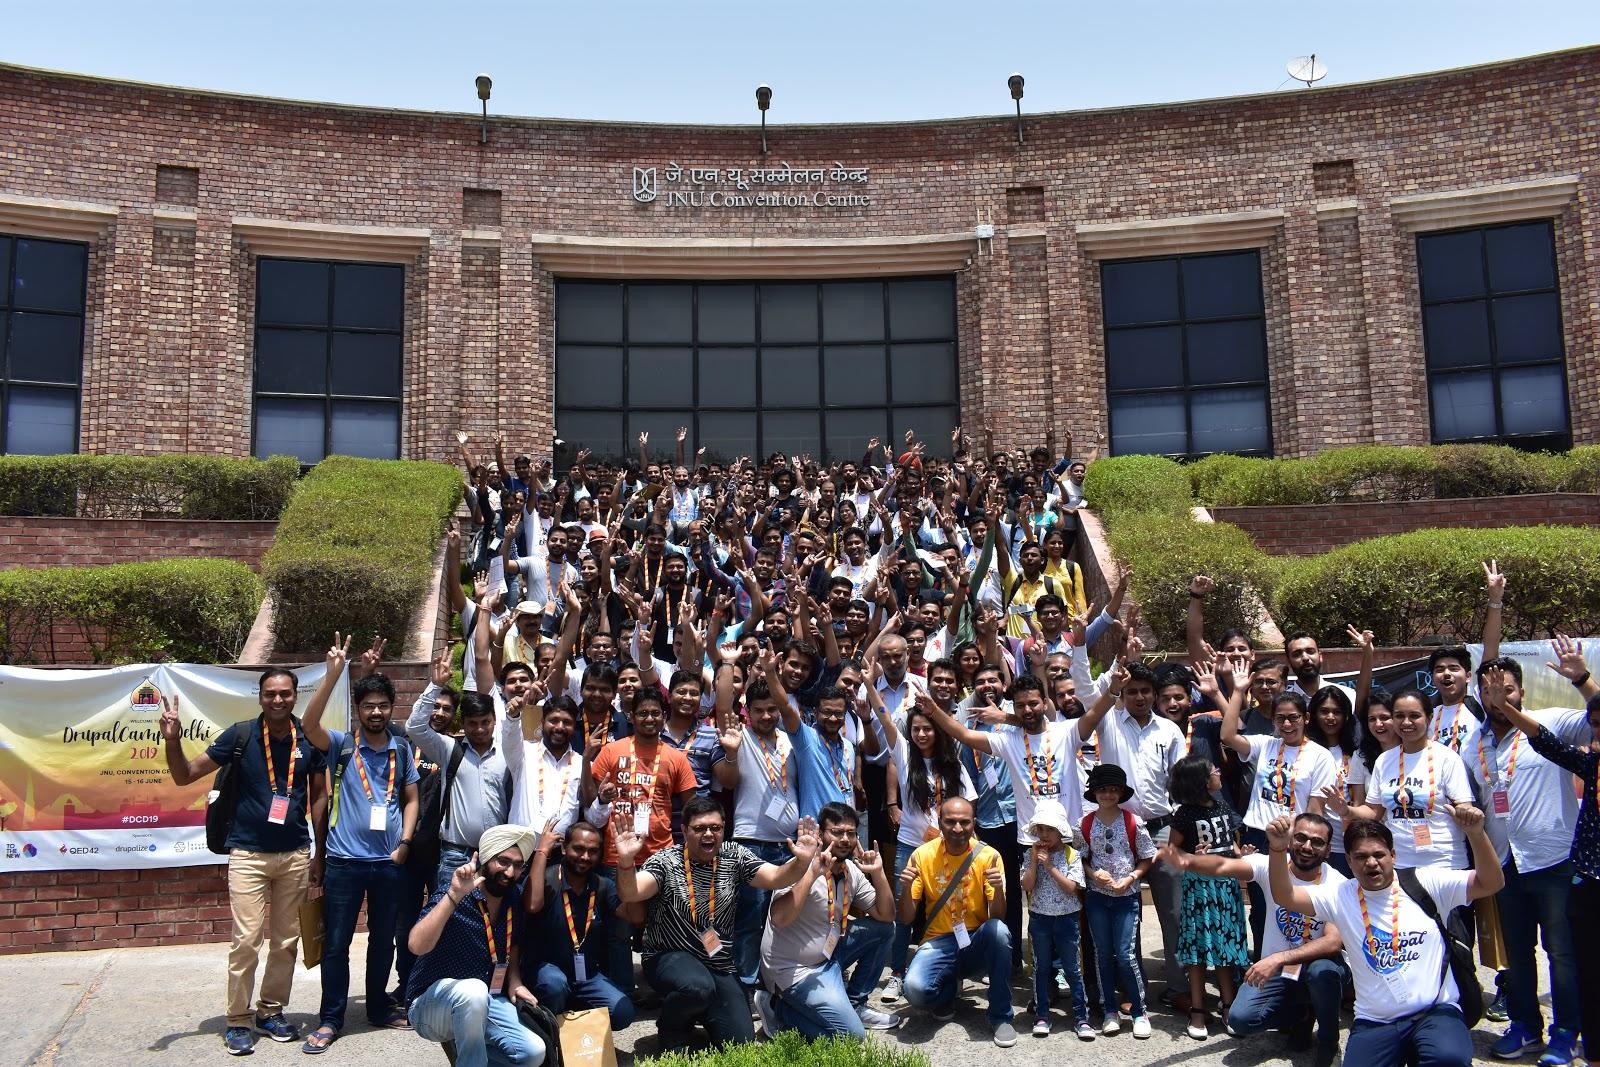 DrupalCamp Delhi 2019